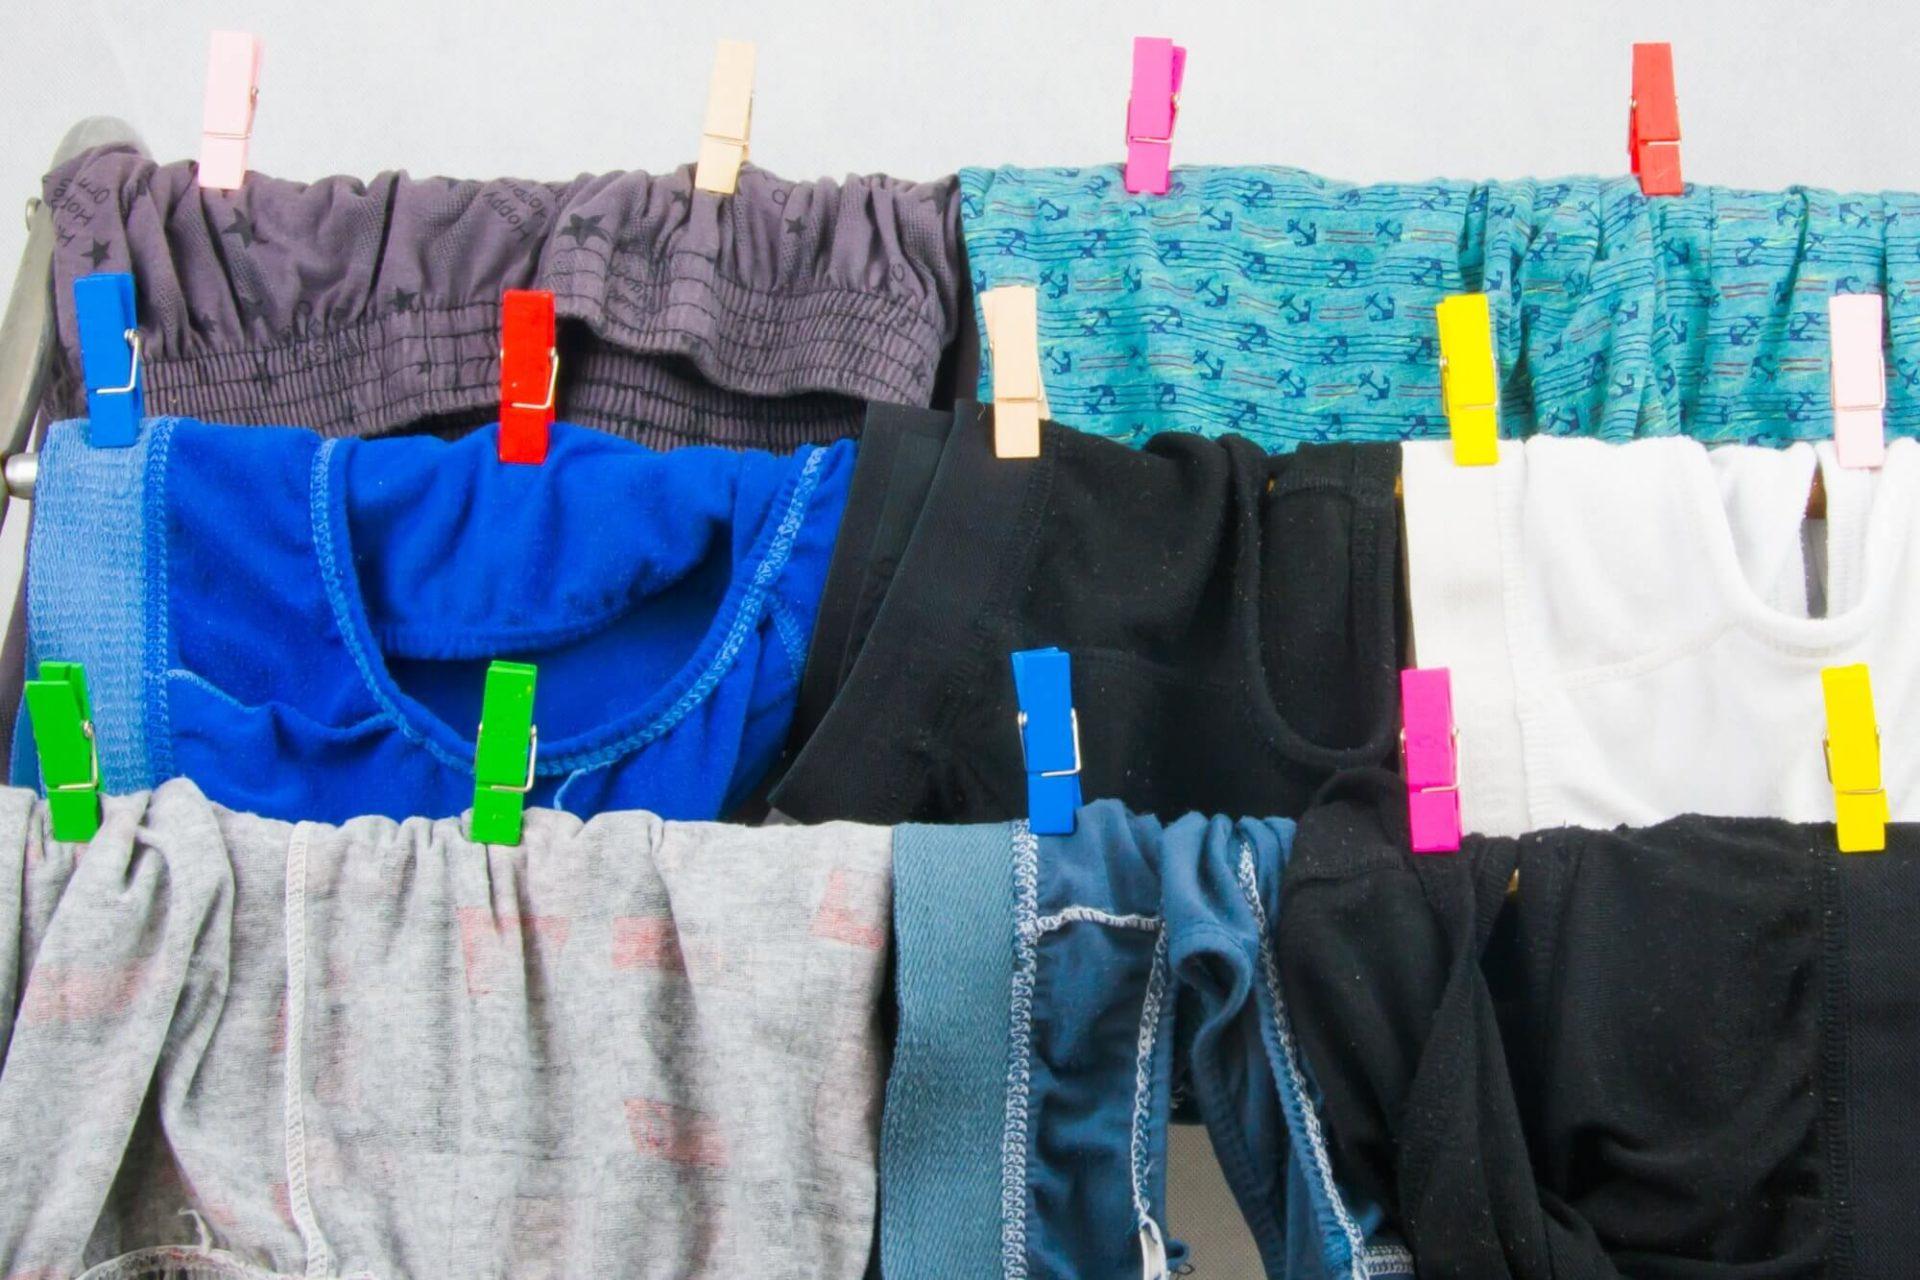 Best Mens Underwear 2019 9 Best Cotton Underwear For Men in 2019 | Undywear